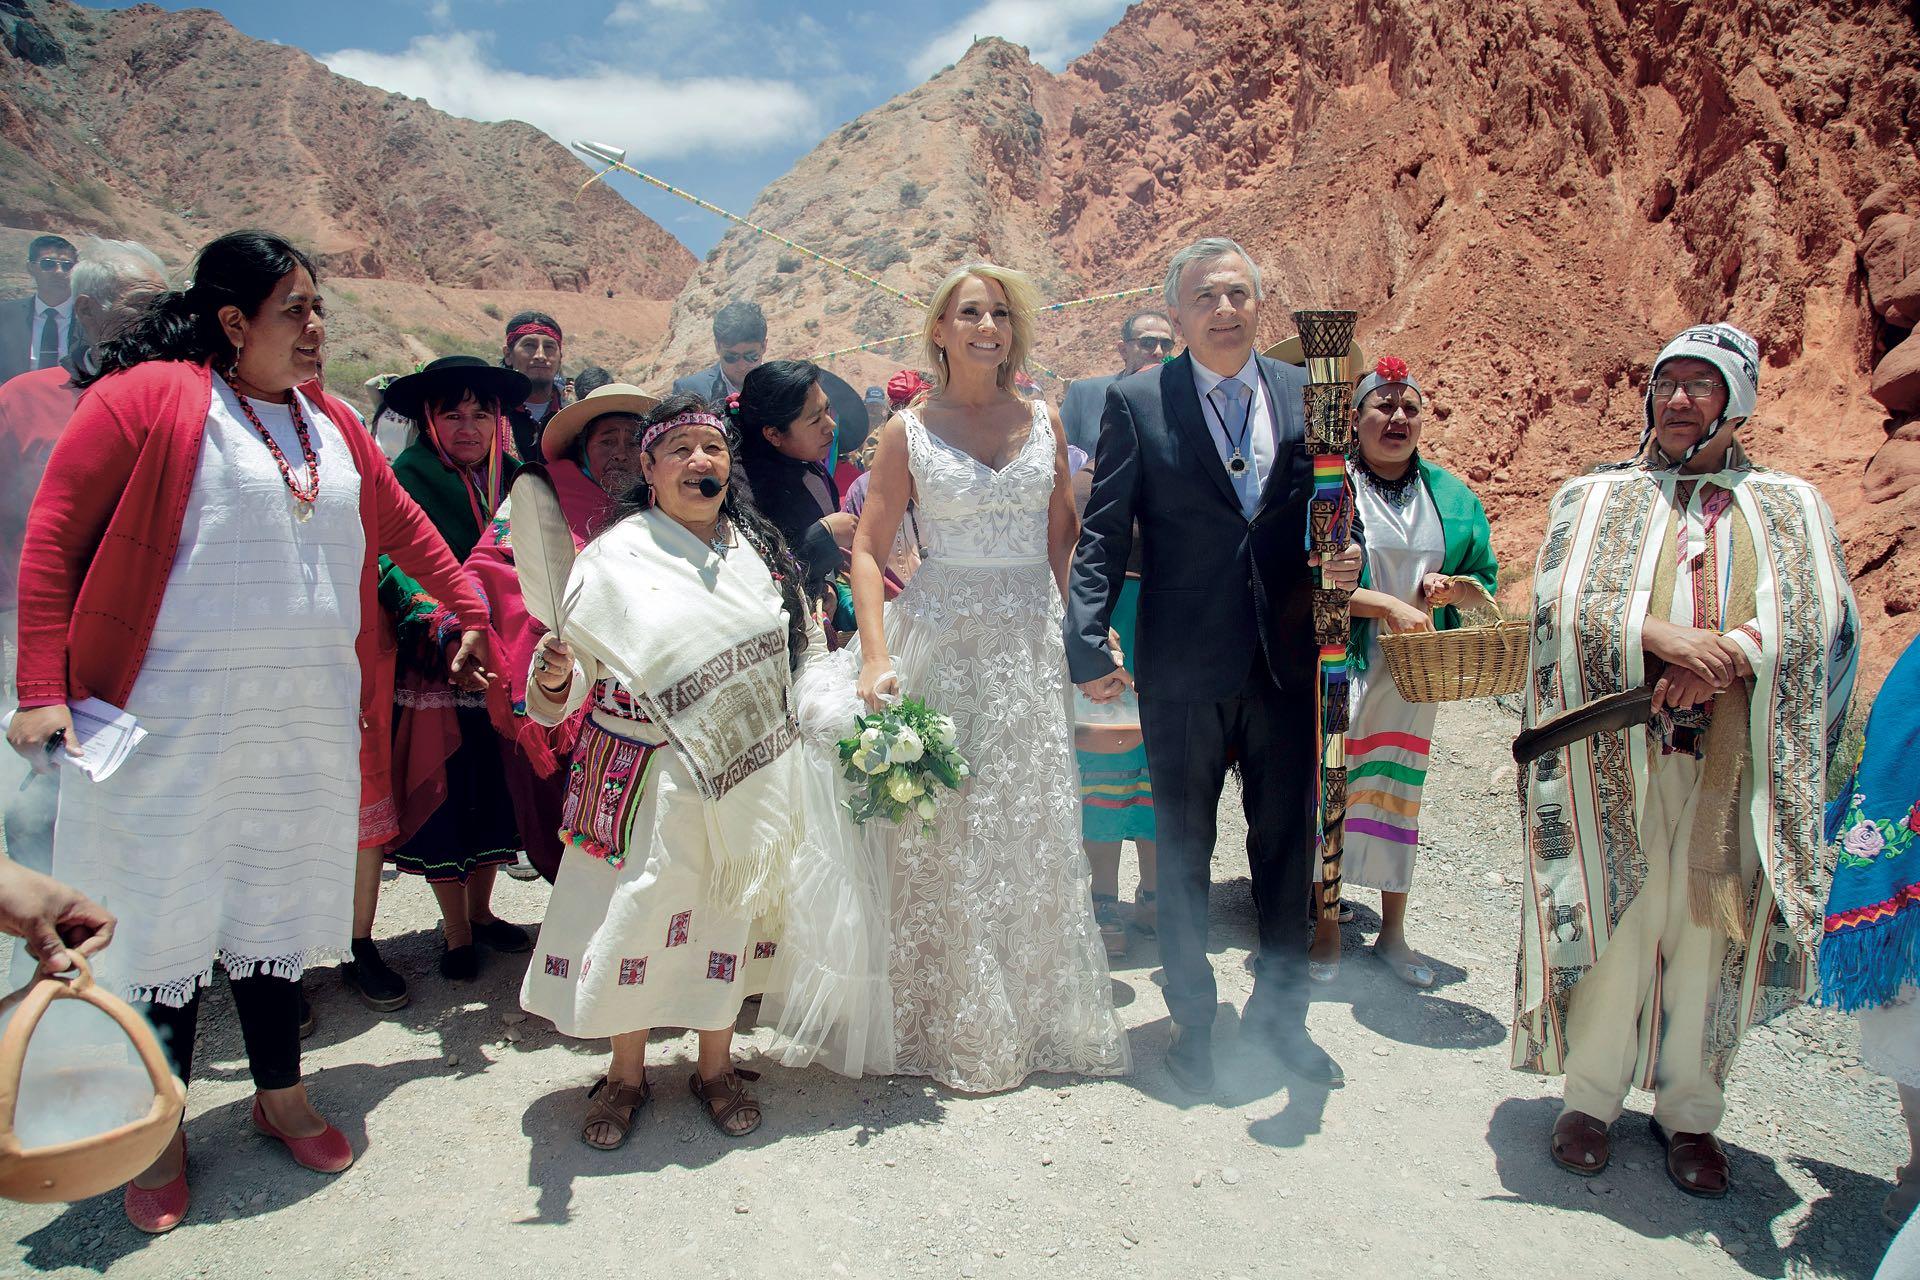 La boda de Gerardo Morales y Tulia. La novia, vestida por Javier Saiach, el novio, de traje, con el bastón de autoridad, rodeados por una banda de sikuris y los guías espirituales Kusi Killa y Wanka Willka.